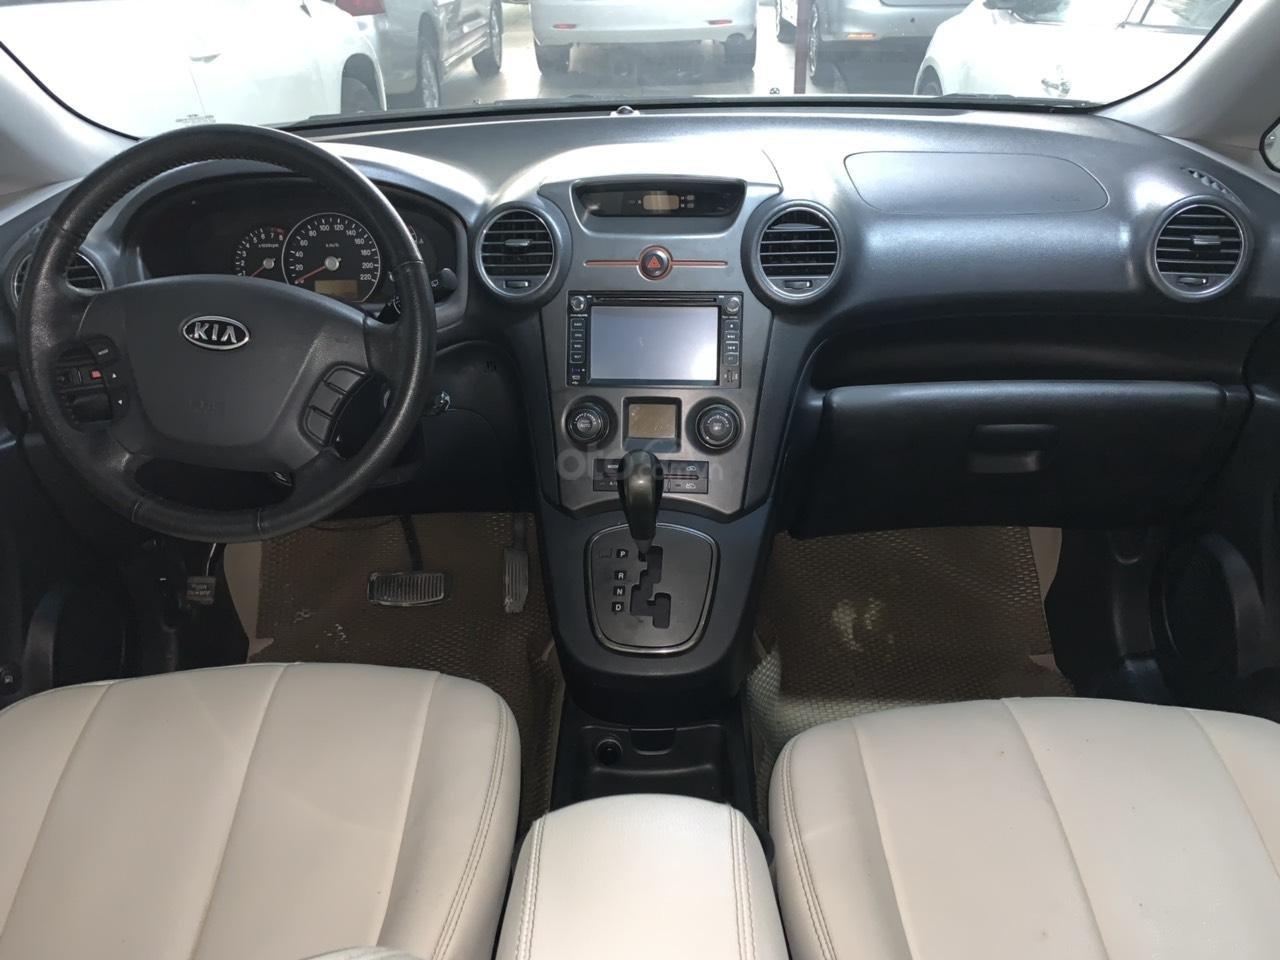 Bán xe Kia Carens 2.0AT năm 2011, màu trắng (5)